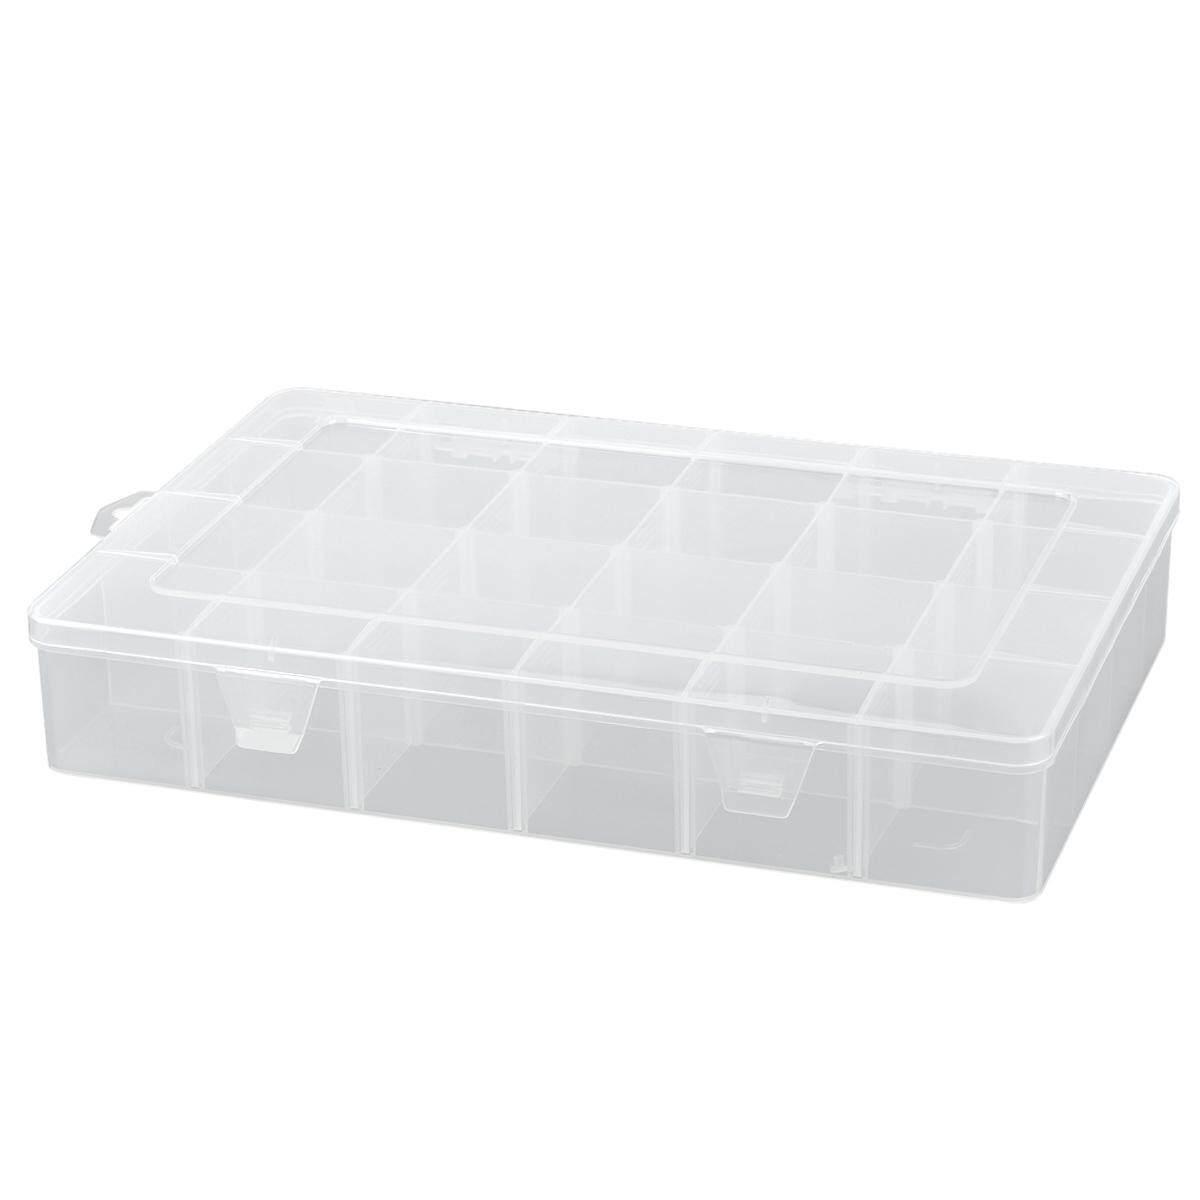 Jual Putih 24 Cm Murah Garansi Dan Berkualitas Id Store Ikea Variera Kotak Serbaguna 34x24 Rp 157000